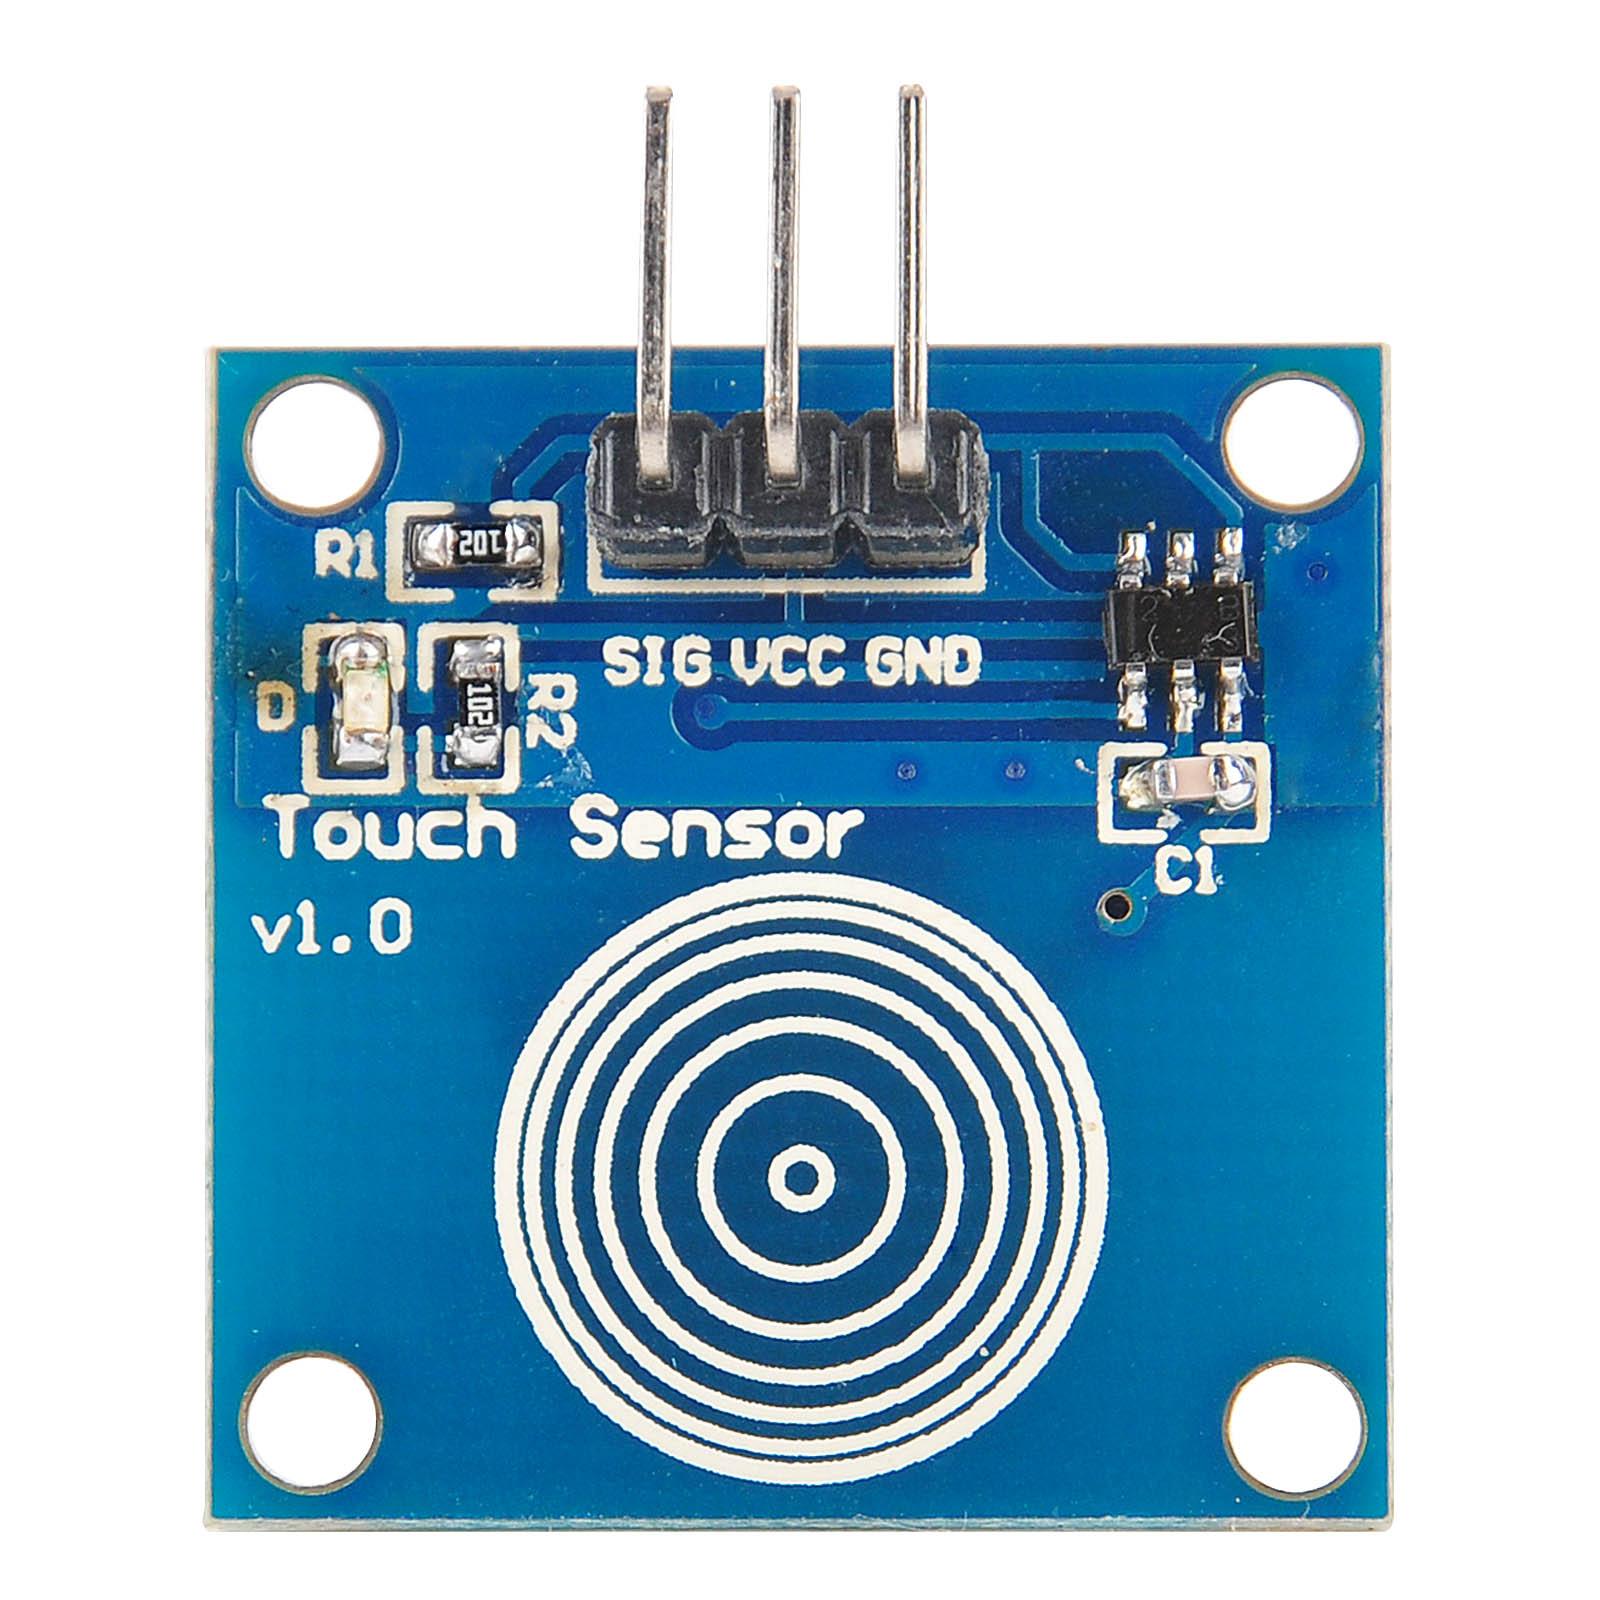 Phenomenal Arduino Lesson Digital Touch Sensor Module Osoyoo Com Wiring Cloud Uslyletkolfr09Org